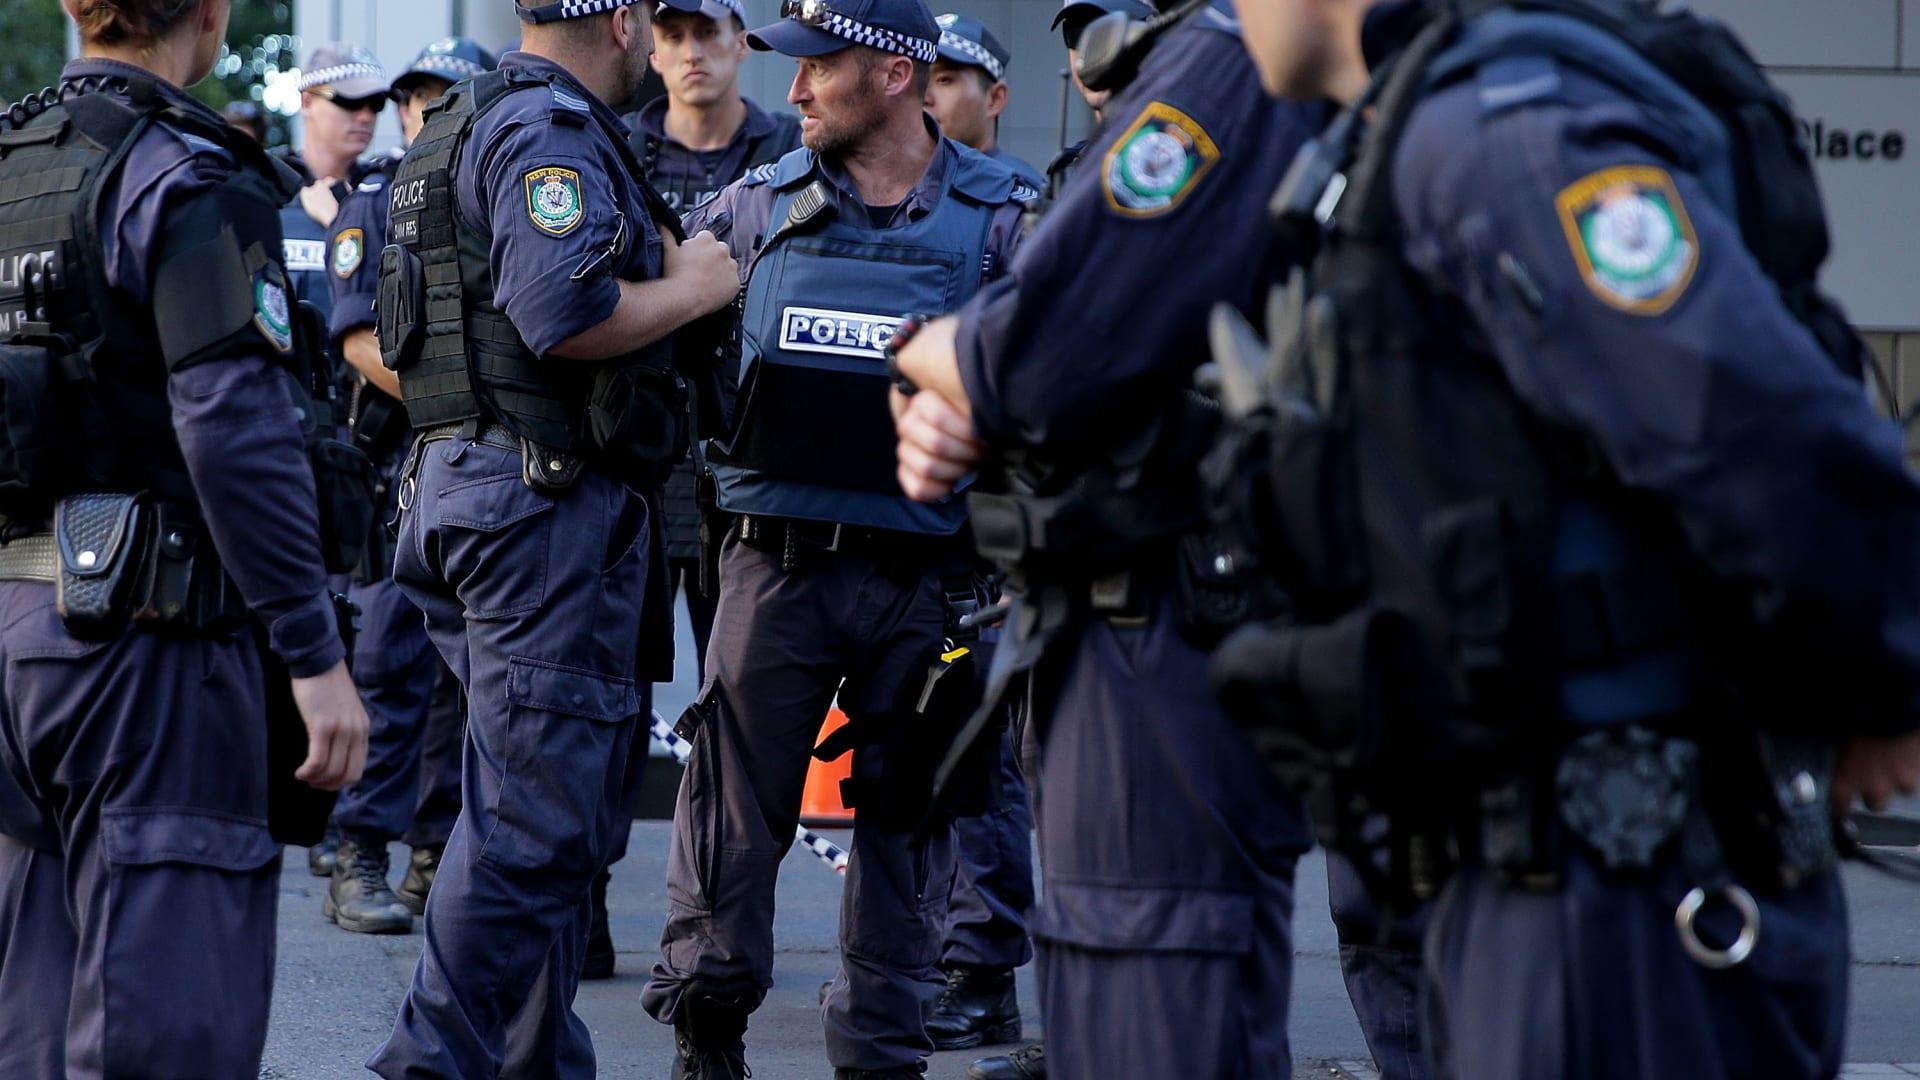 """أستراليا: احتجاز 5 مشتبه بهم حاولوا السفر إلى سوريا عبر البحر.. والشرطة: إن نجحوا قد يعودون """"أكثر صلابة إثر القتال"""""""